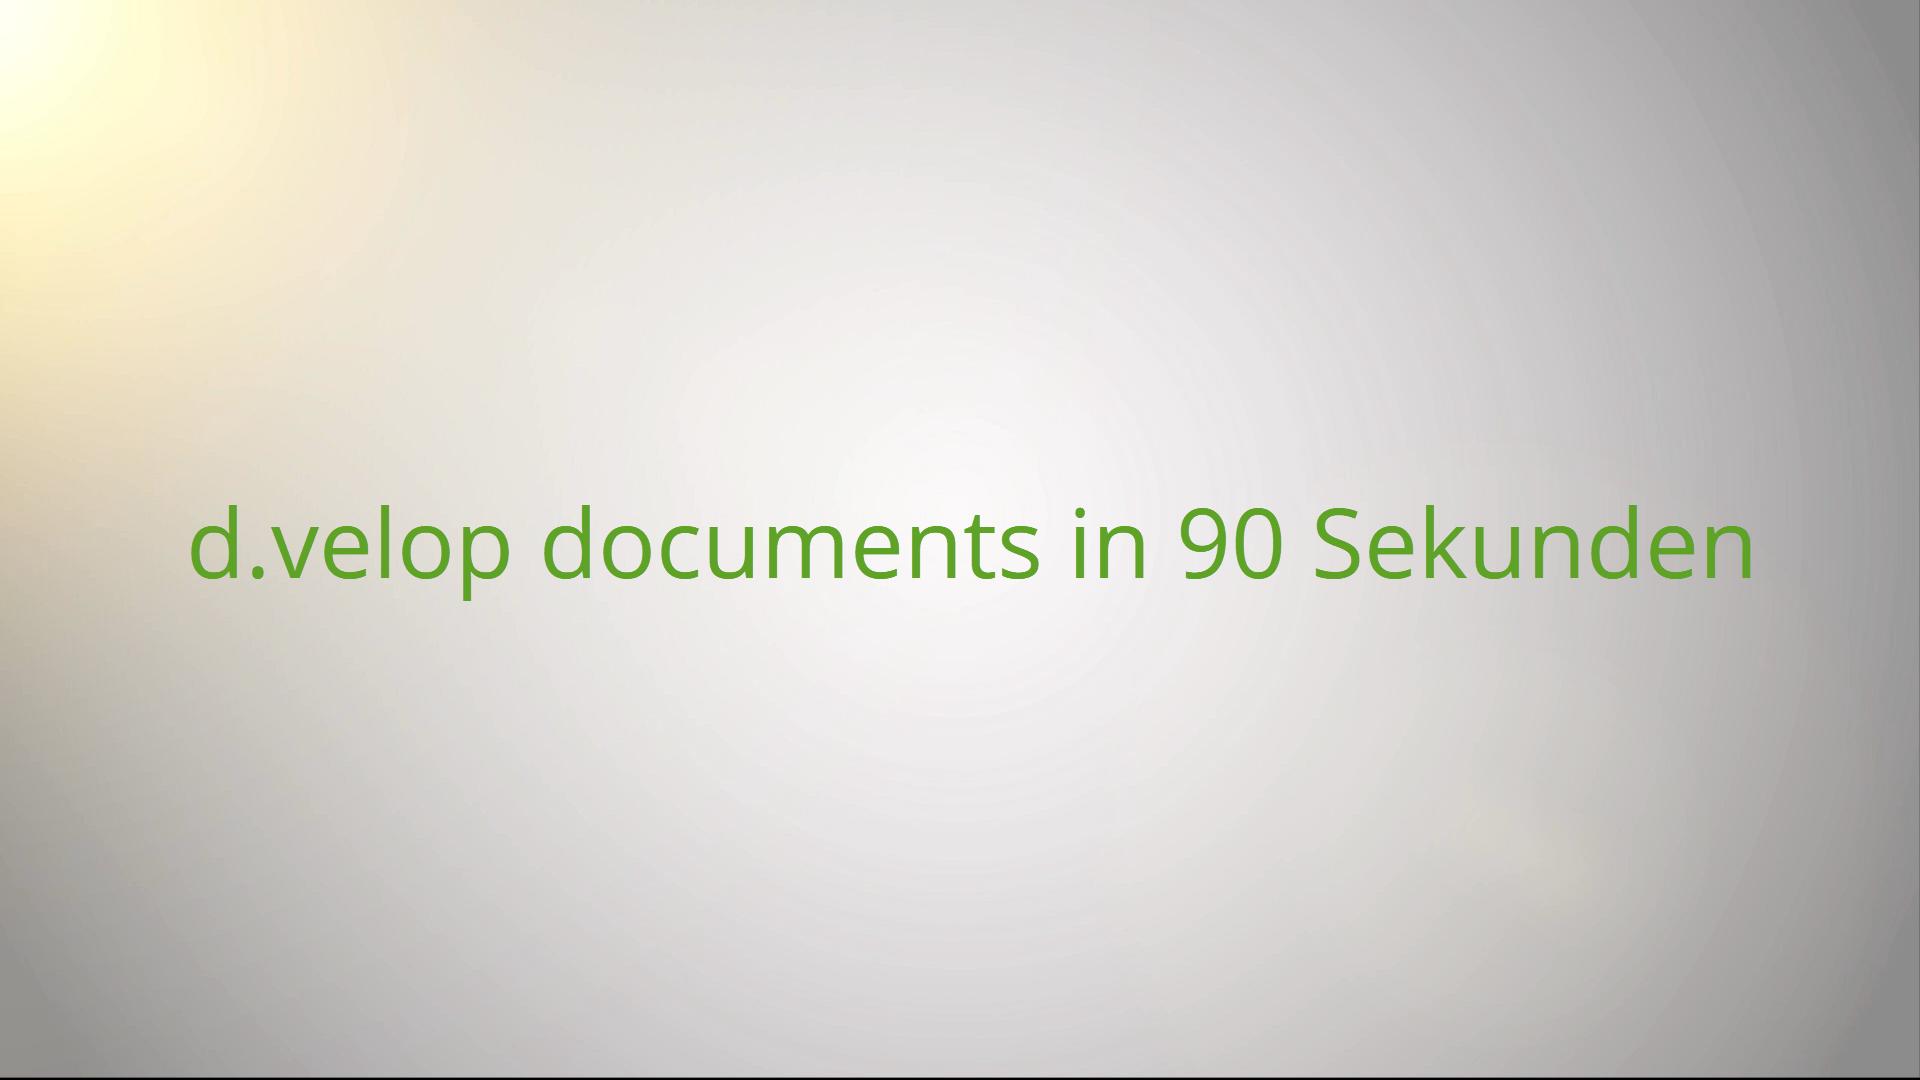 d.velop documents in 90 Sekunden